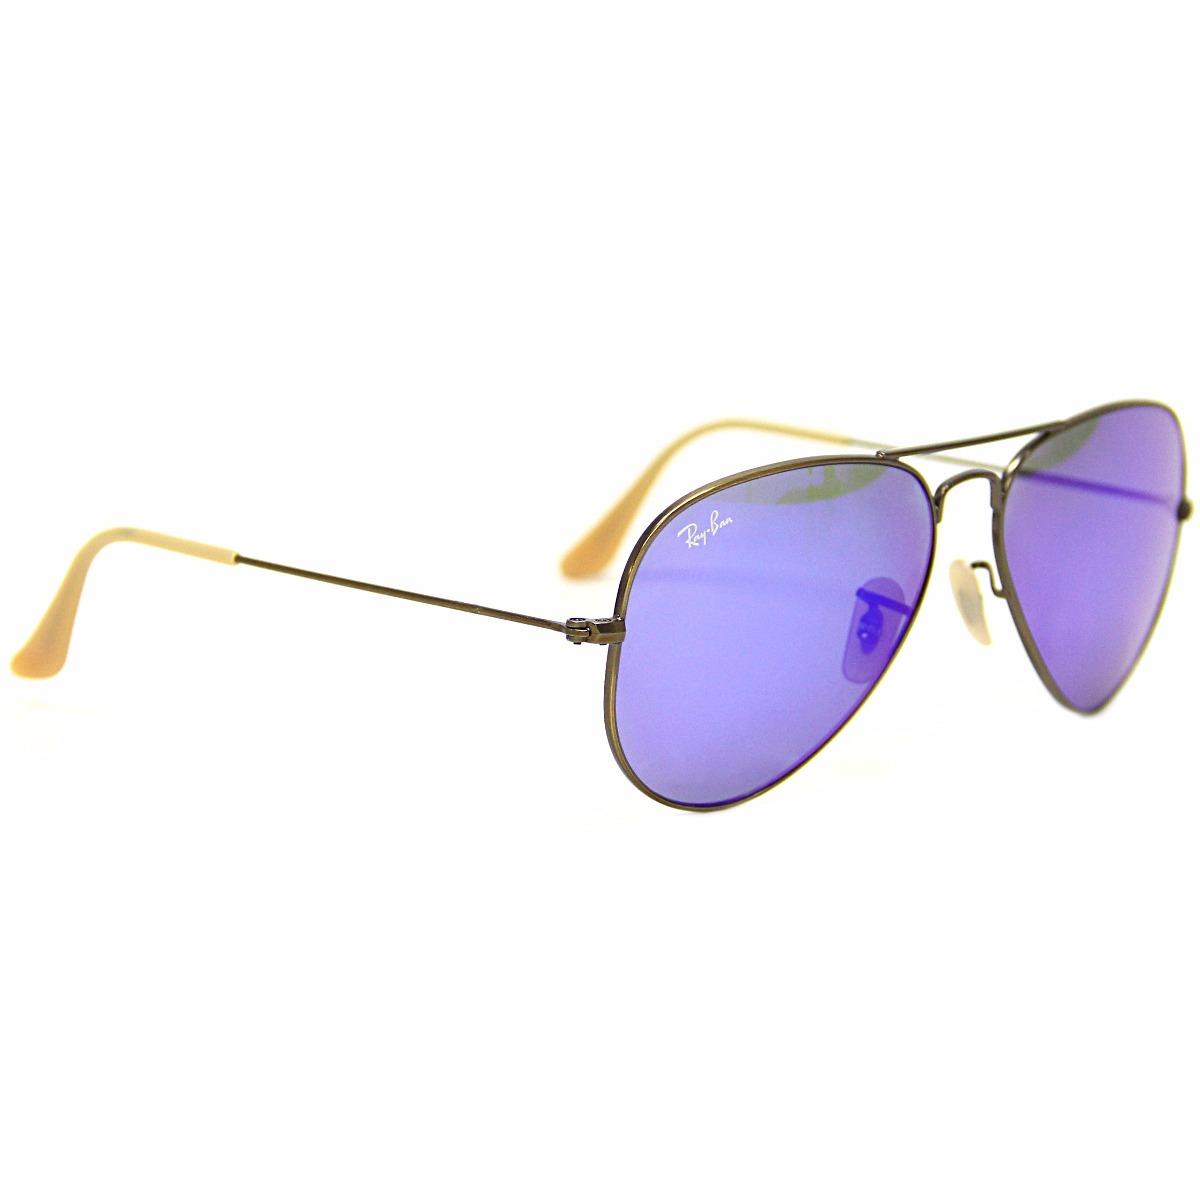 Óculos De Sol Ray Ban Aviador 3025 Feminino Lilás - R  499,00 em ... 394d671d19